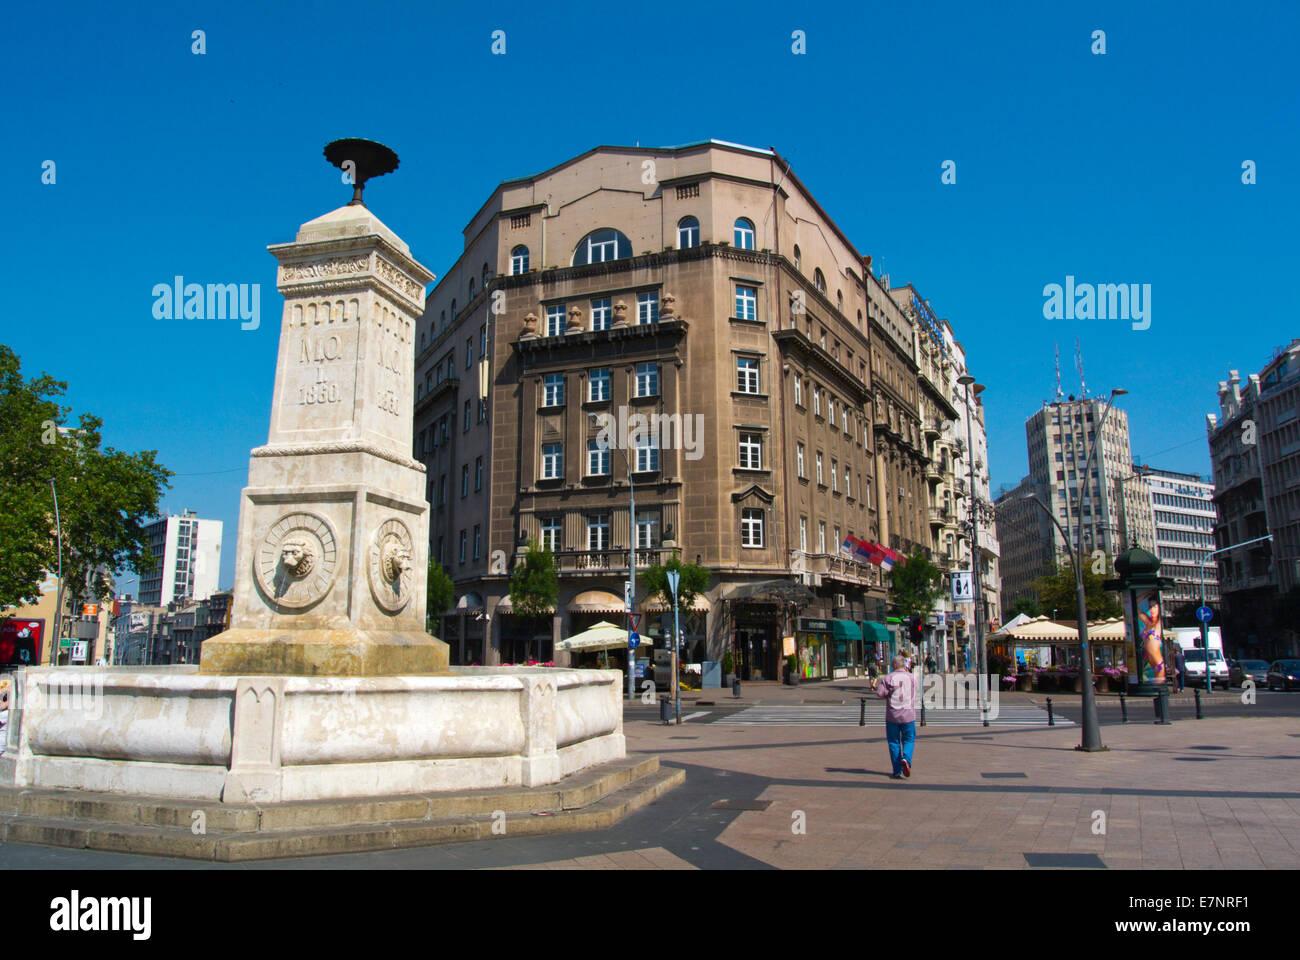 Terazije square, Belgrade, Serbia, Southeastern Europe Stock Photo